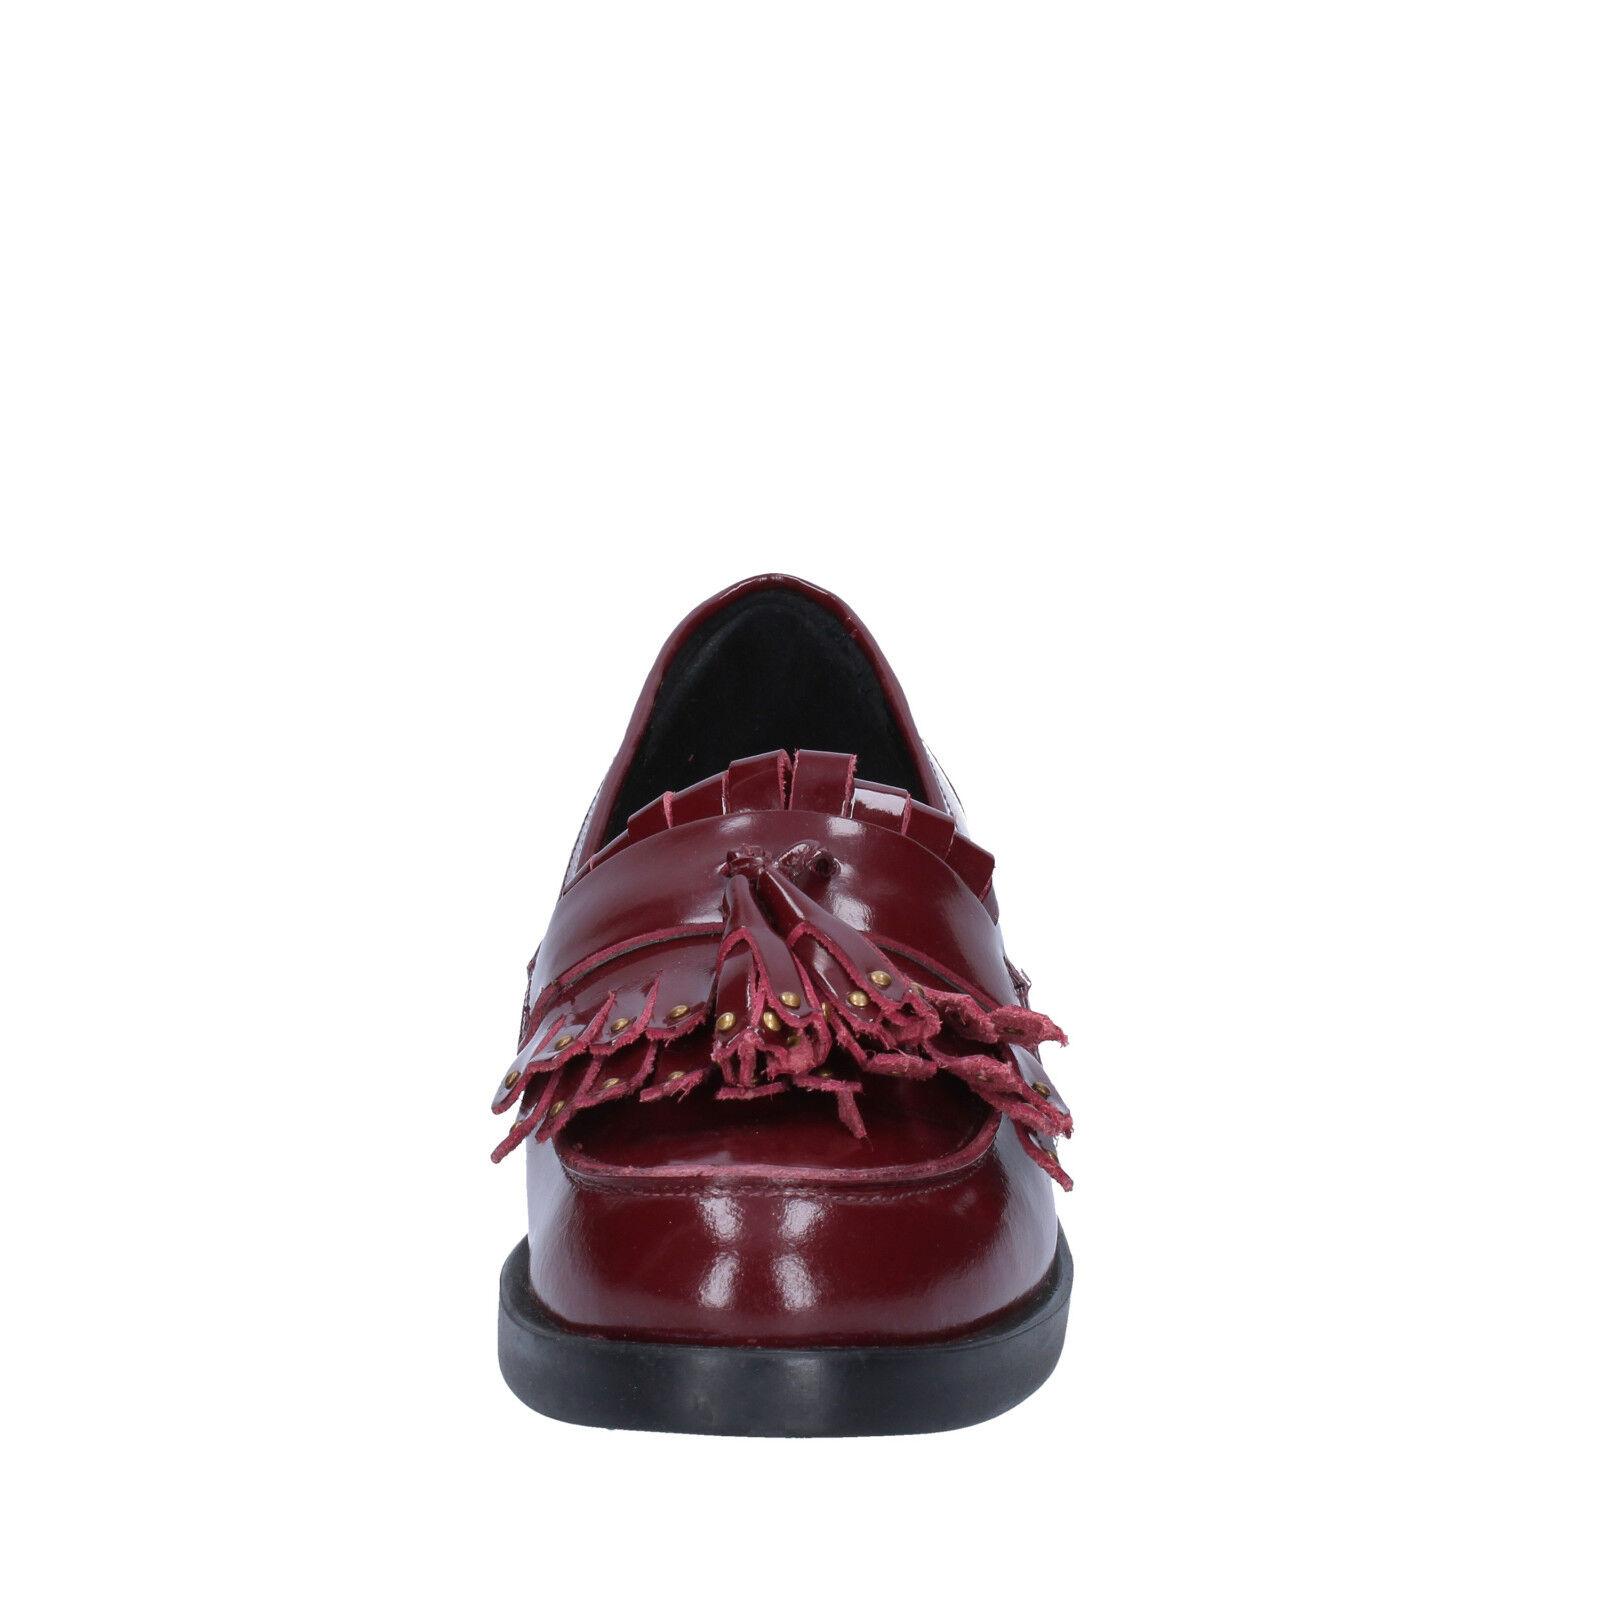 Damenschuhe schuhe EMANUELLE VEE 4 (EU BX382-37 37) moccasins burgundy Leder BX382-37 (EU 7784d1